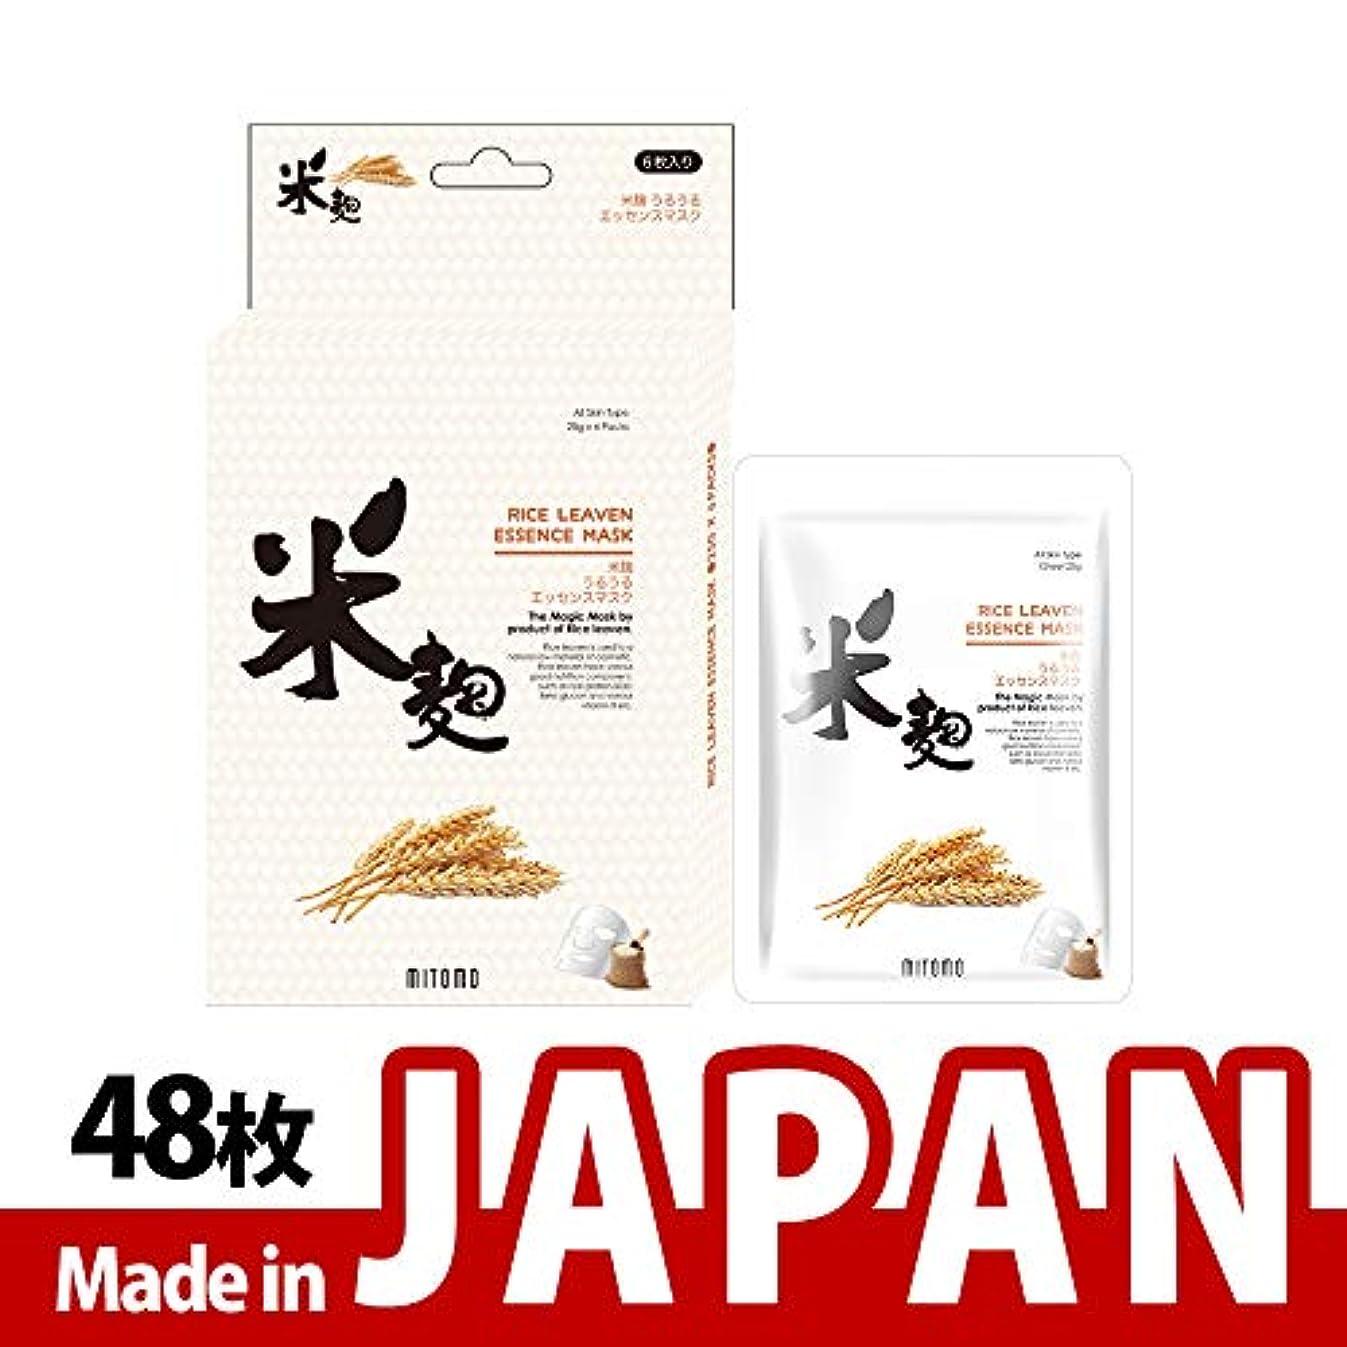 例示する技術者青MITOMO【JP512-E-4】日本製シートマスク/6枚入り/48枚/美容液/マスクパック/送料無料